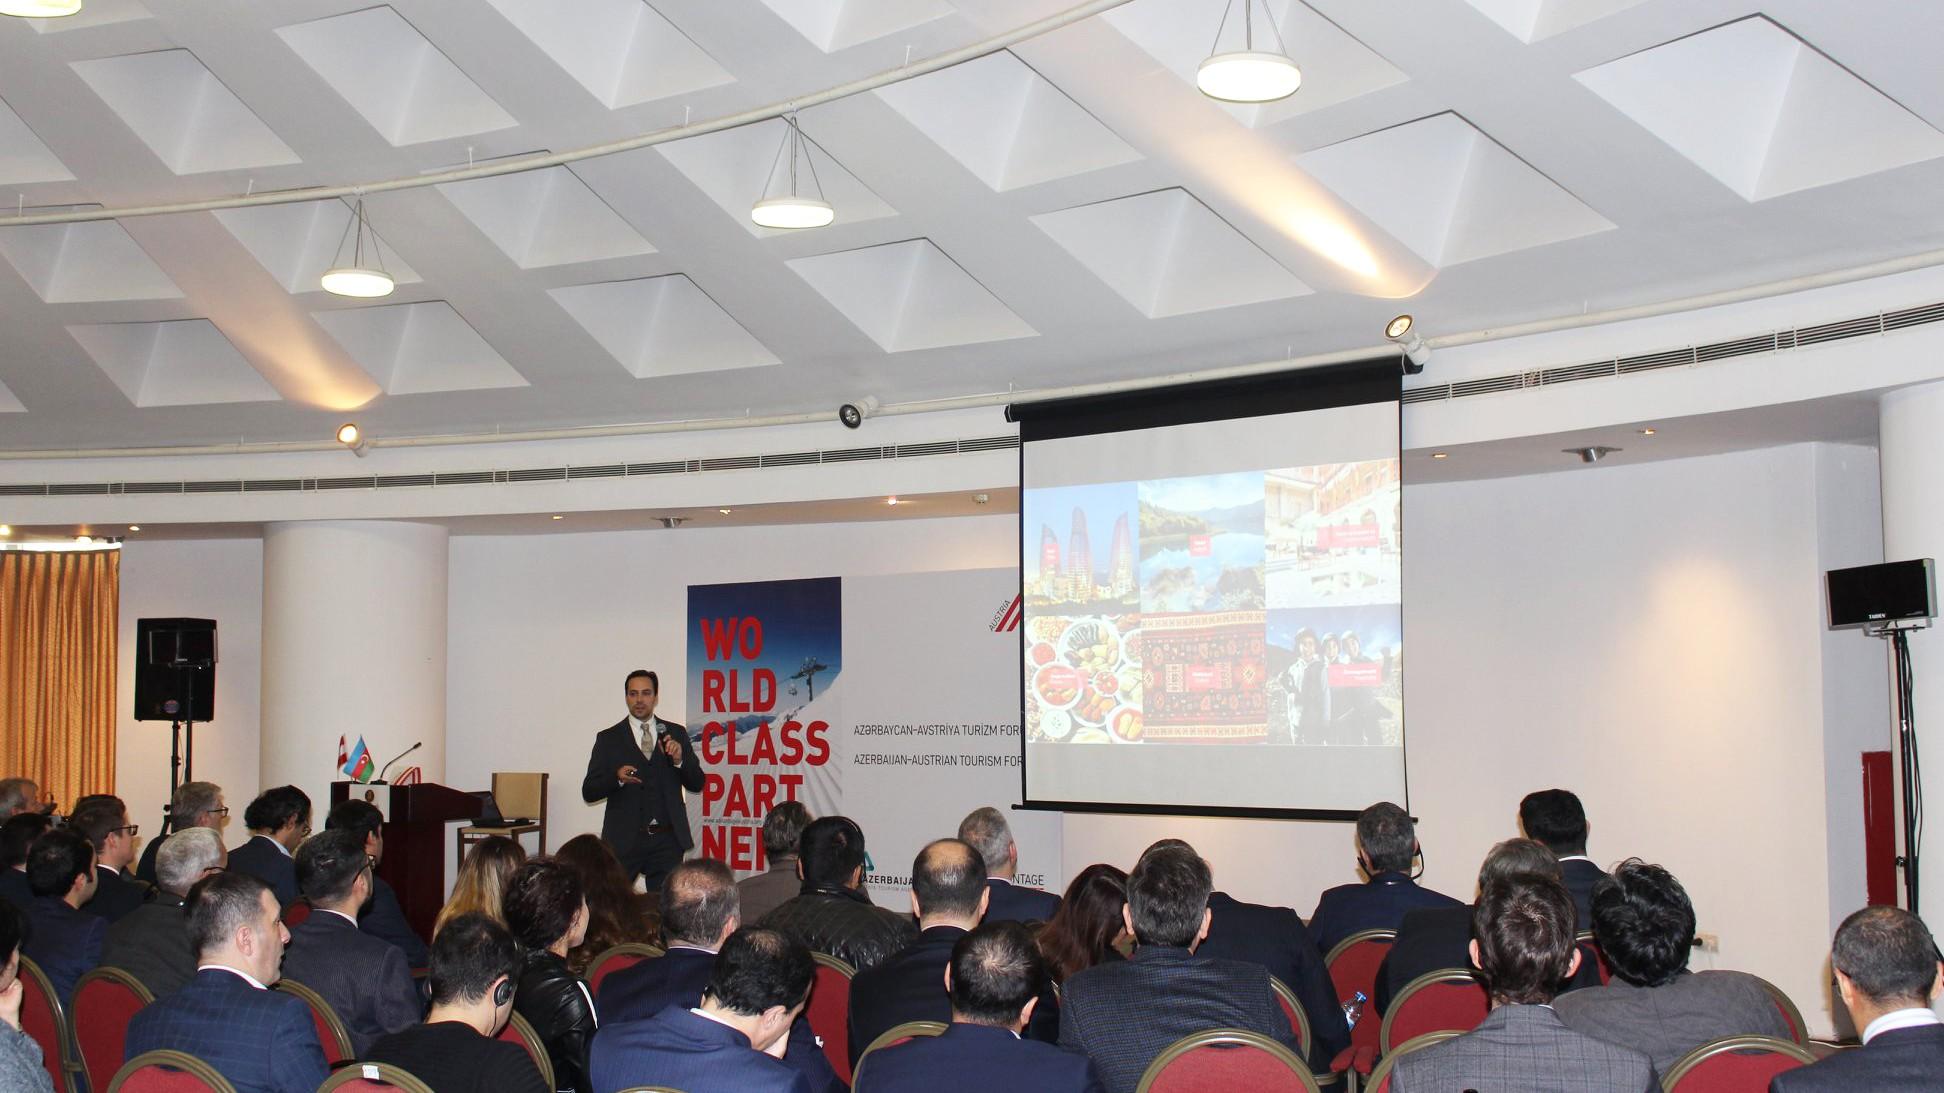 Azərbaycan-Avstriya turizm forumu keçirilib